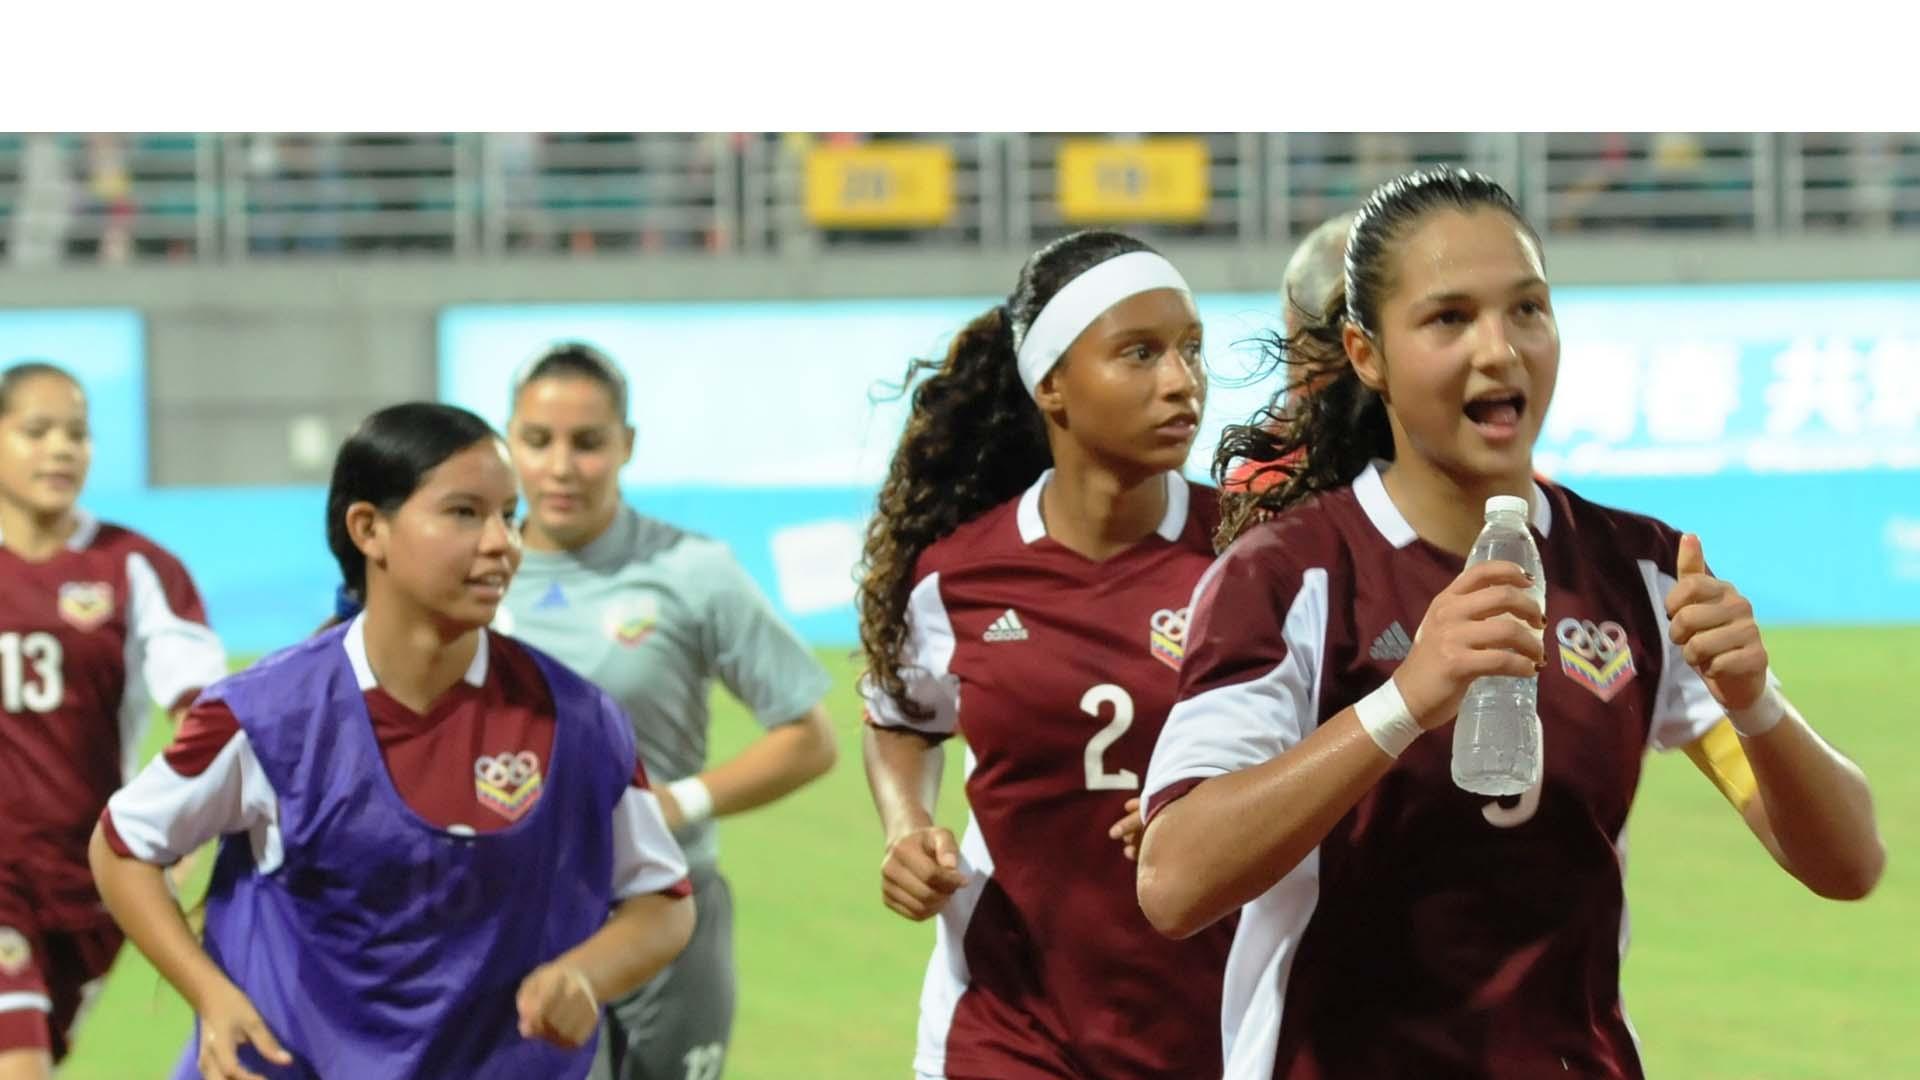 La selección nacional de fútbol enfrentará en su primer juego a las anfitrionas en el campeonato que inició este miércoles y se disputará hasta el tres de diciembre